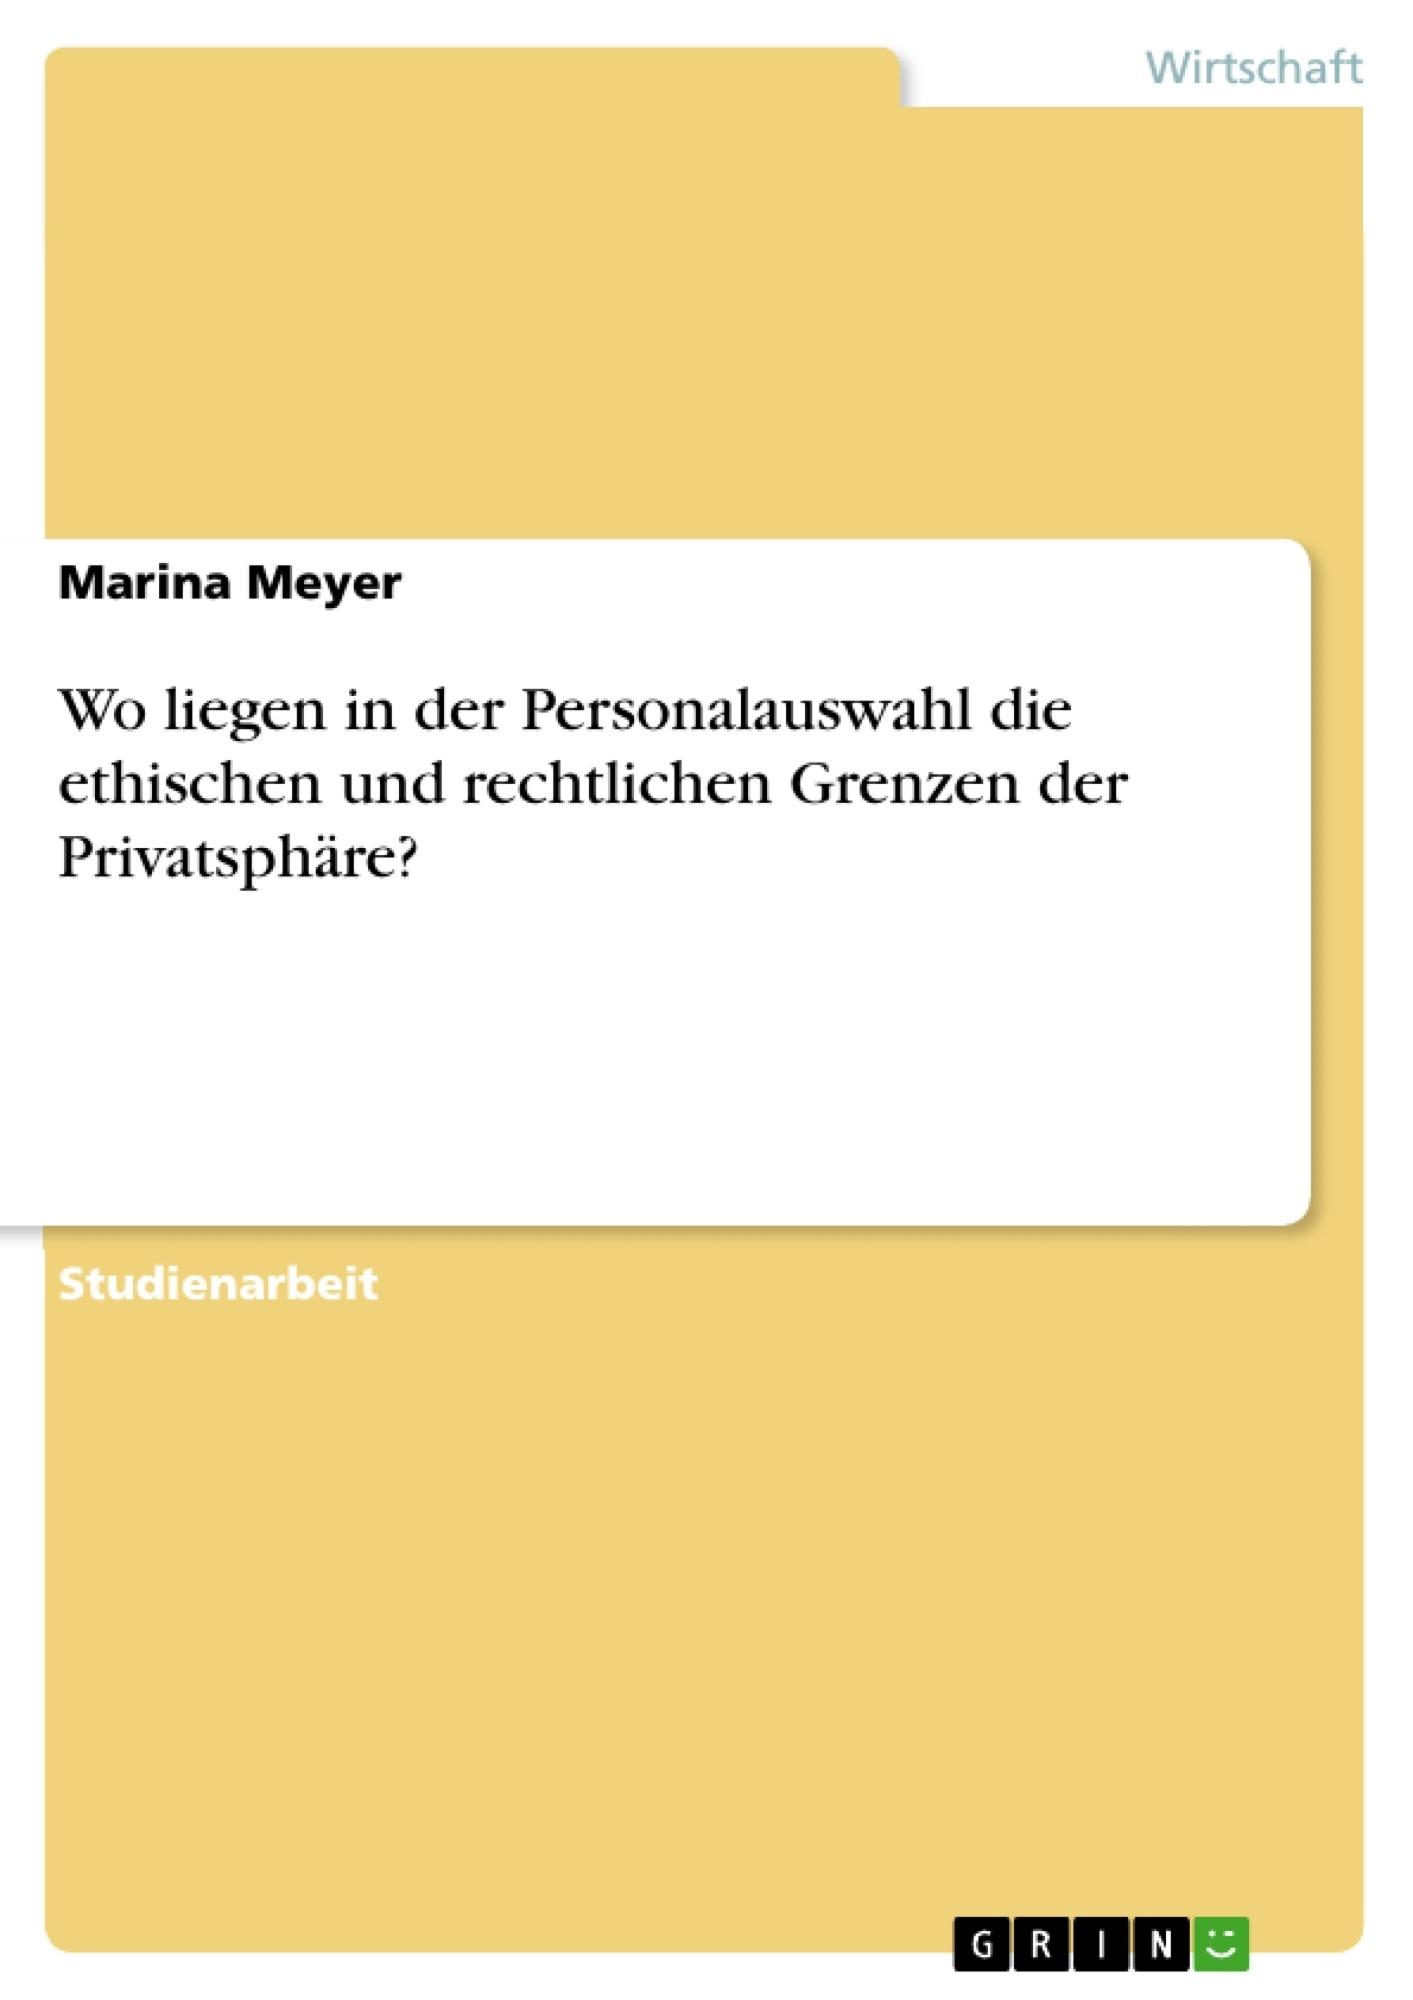 Titel: Wo liegen in der Personalauswahl die ethischen und rechtlichen Grenzen der Privatsphäre?